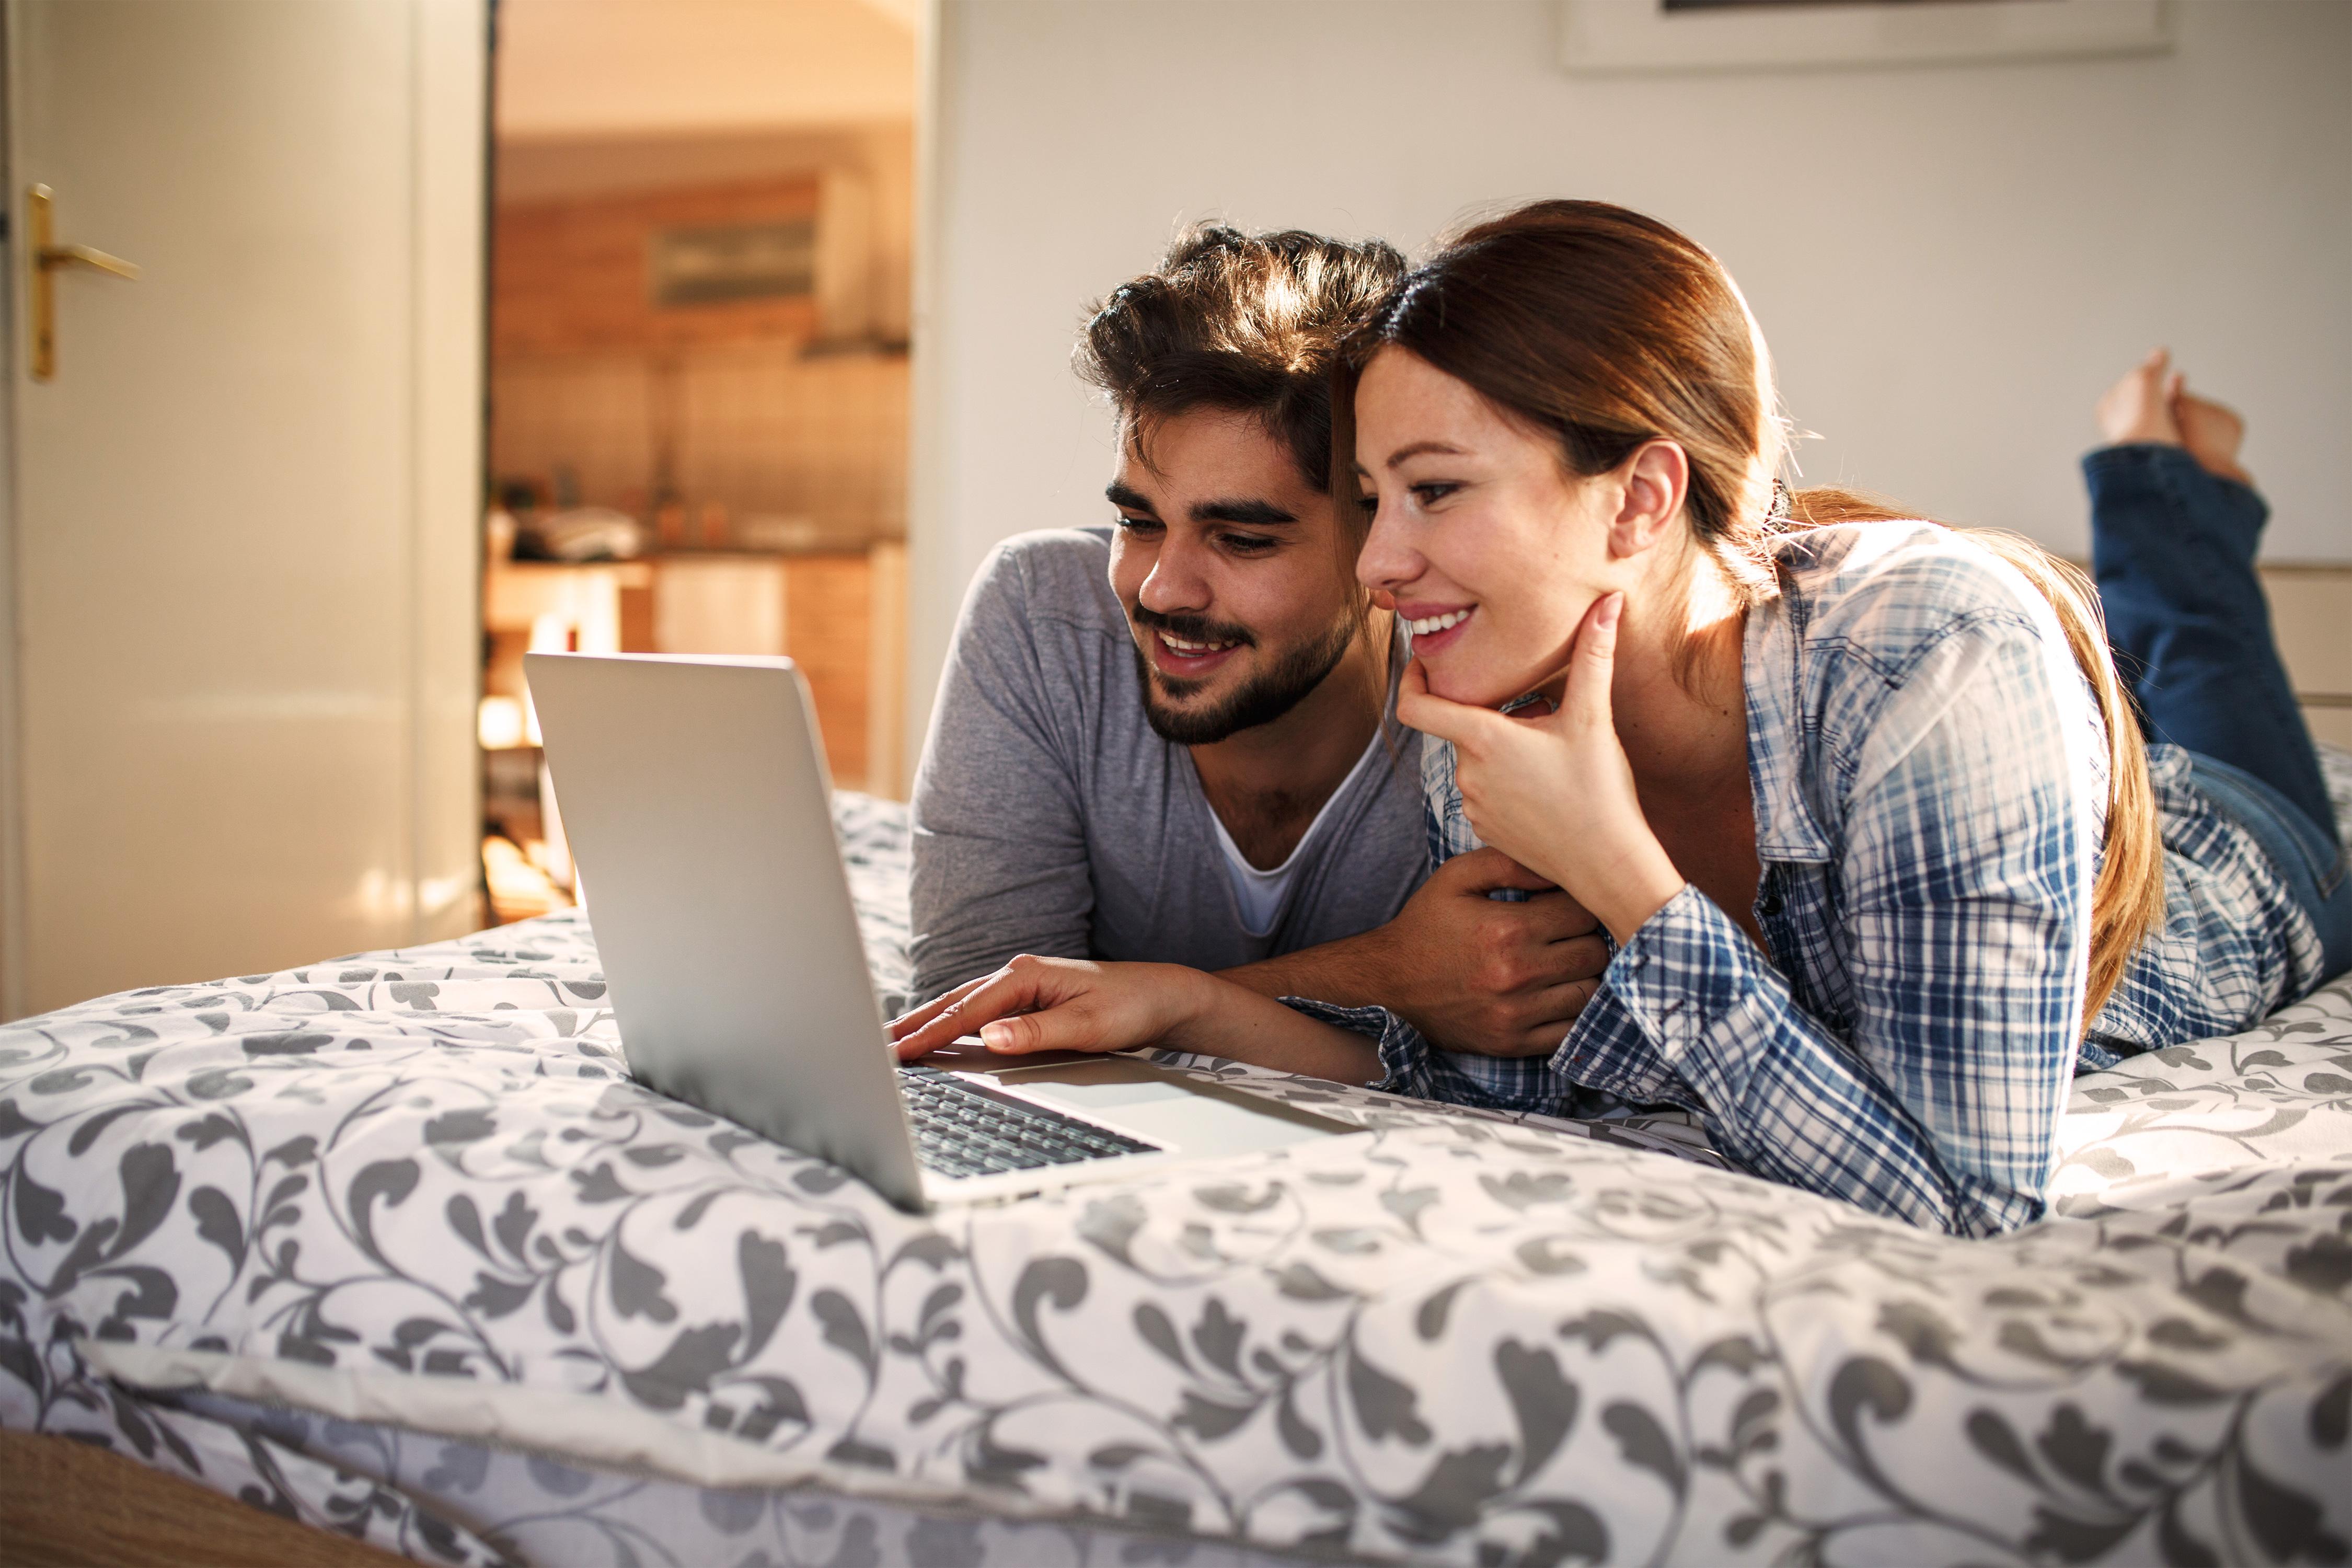 Junges lächelndes Paar auf dem Bett liegend vor dem Laptop